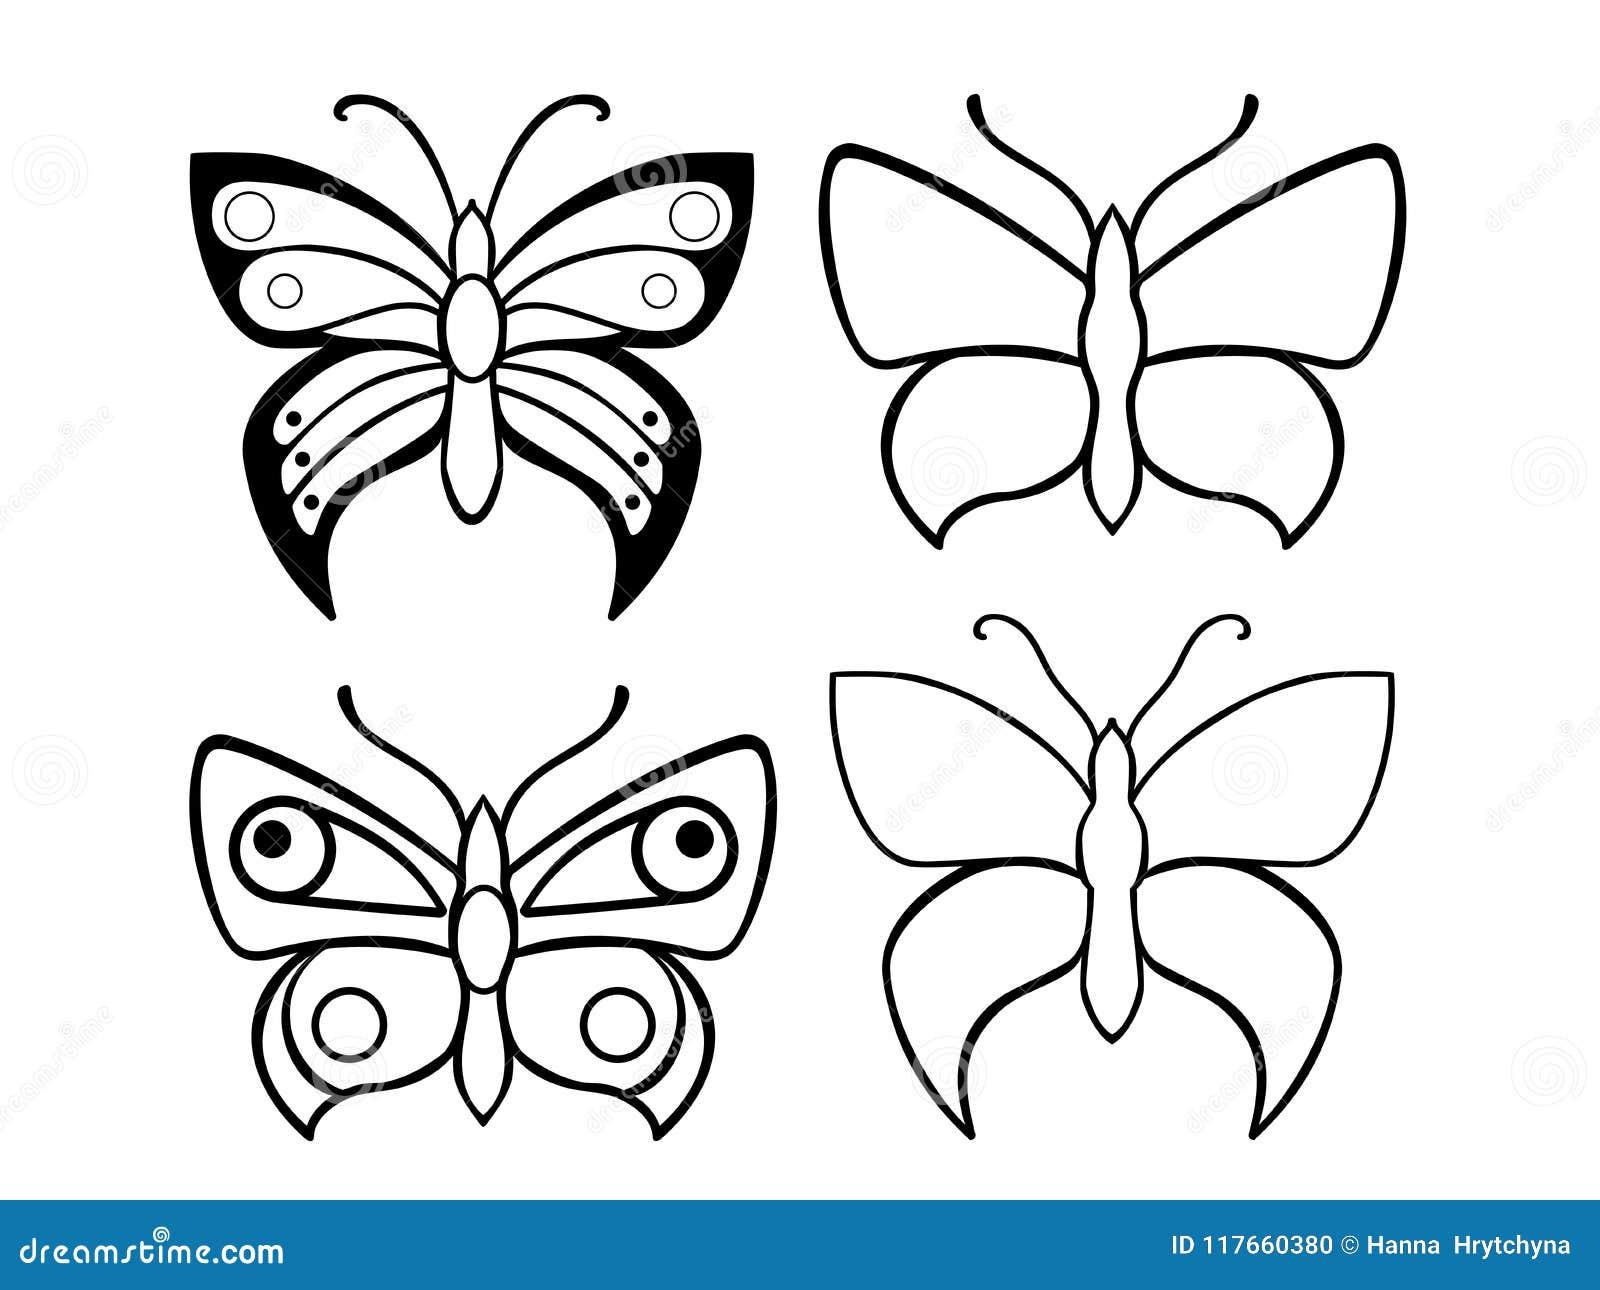 Mariposas Un Sistema De Plantillas De La Mariposa Mariposas Para